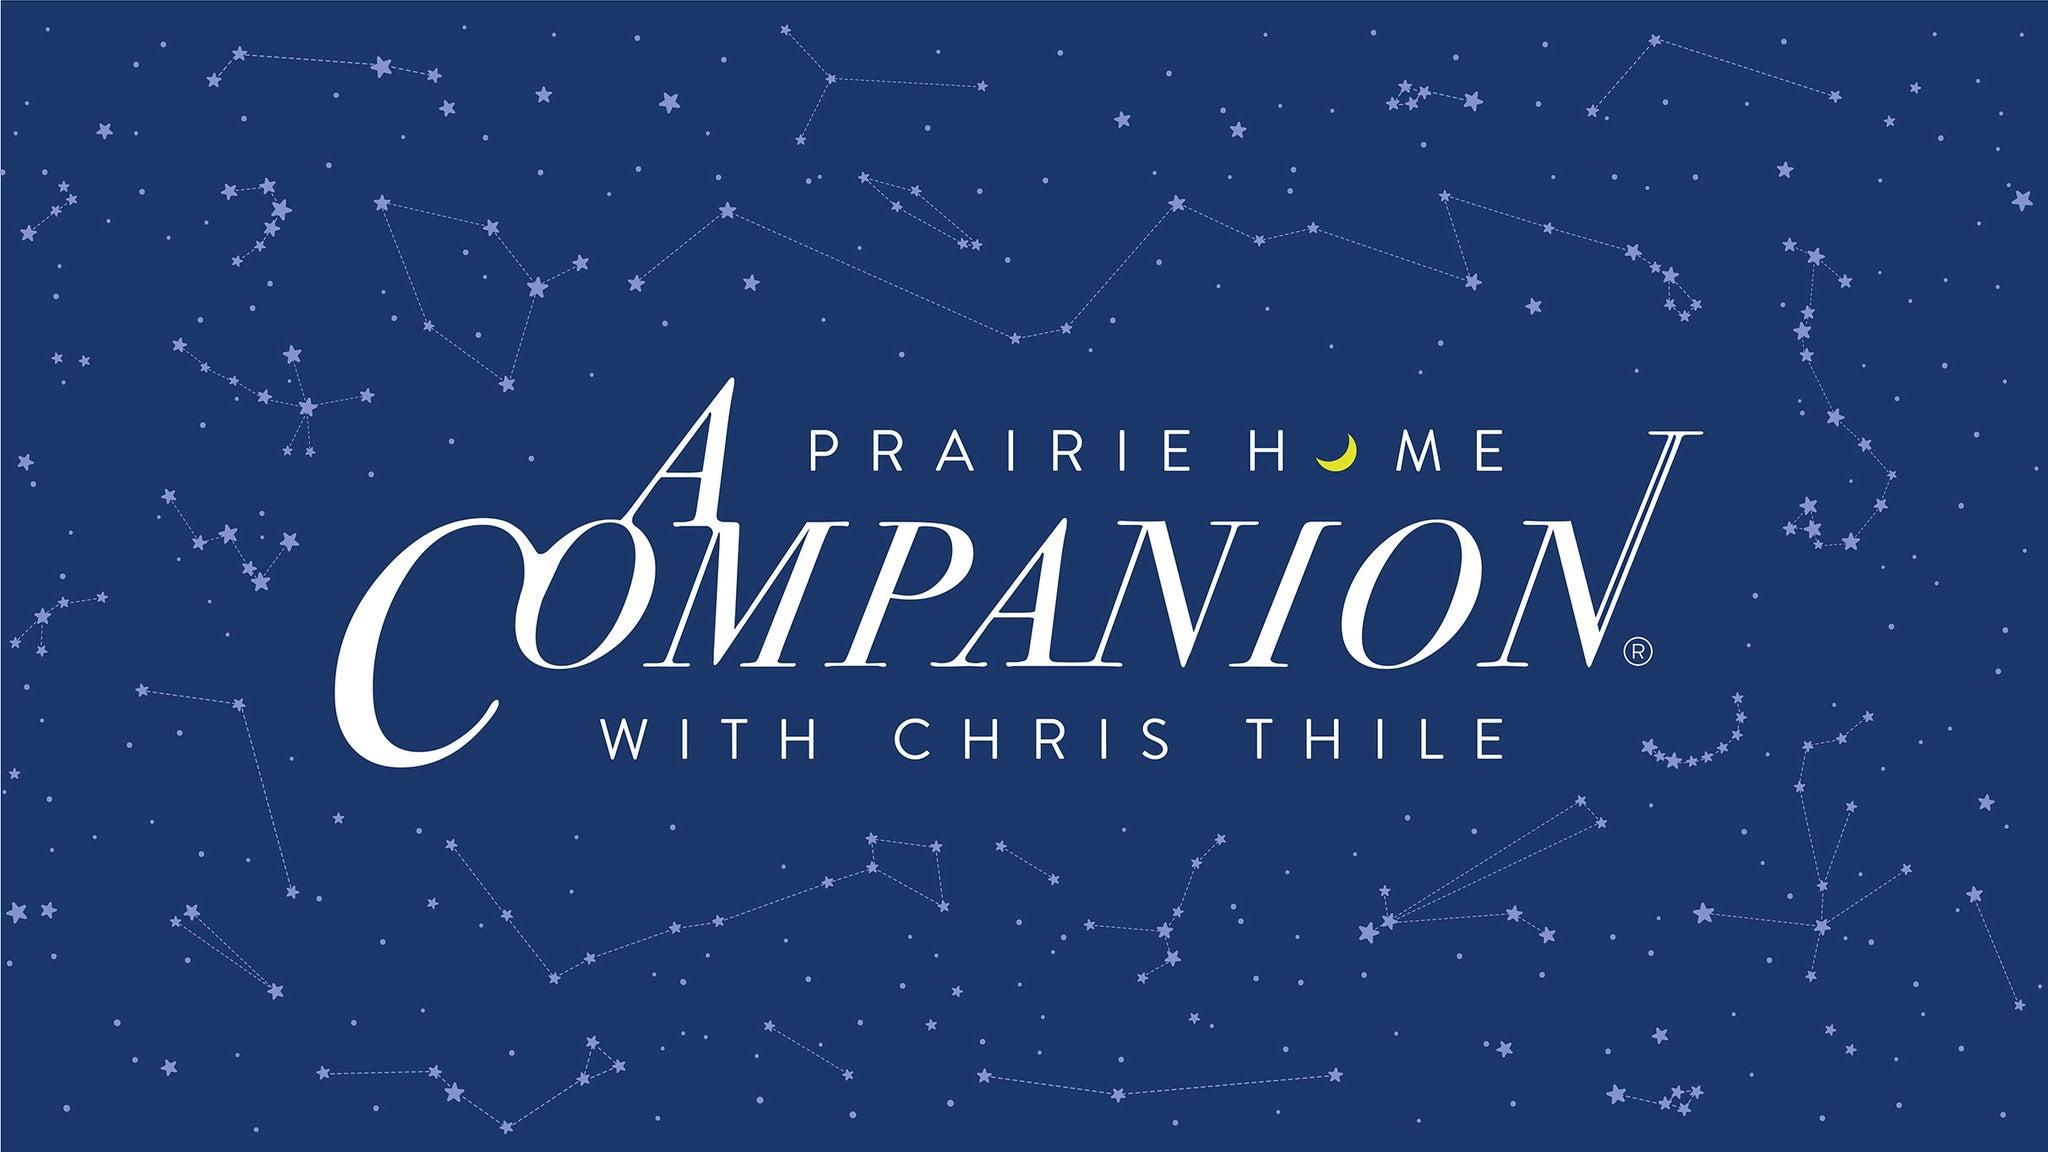 A Prairie Home Companion with Chris Thile